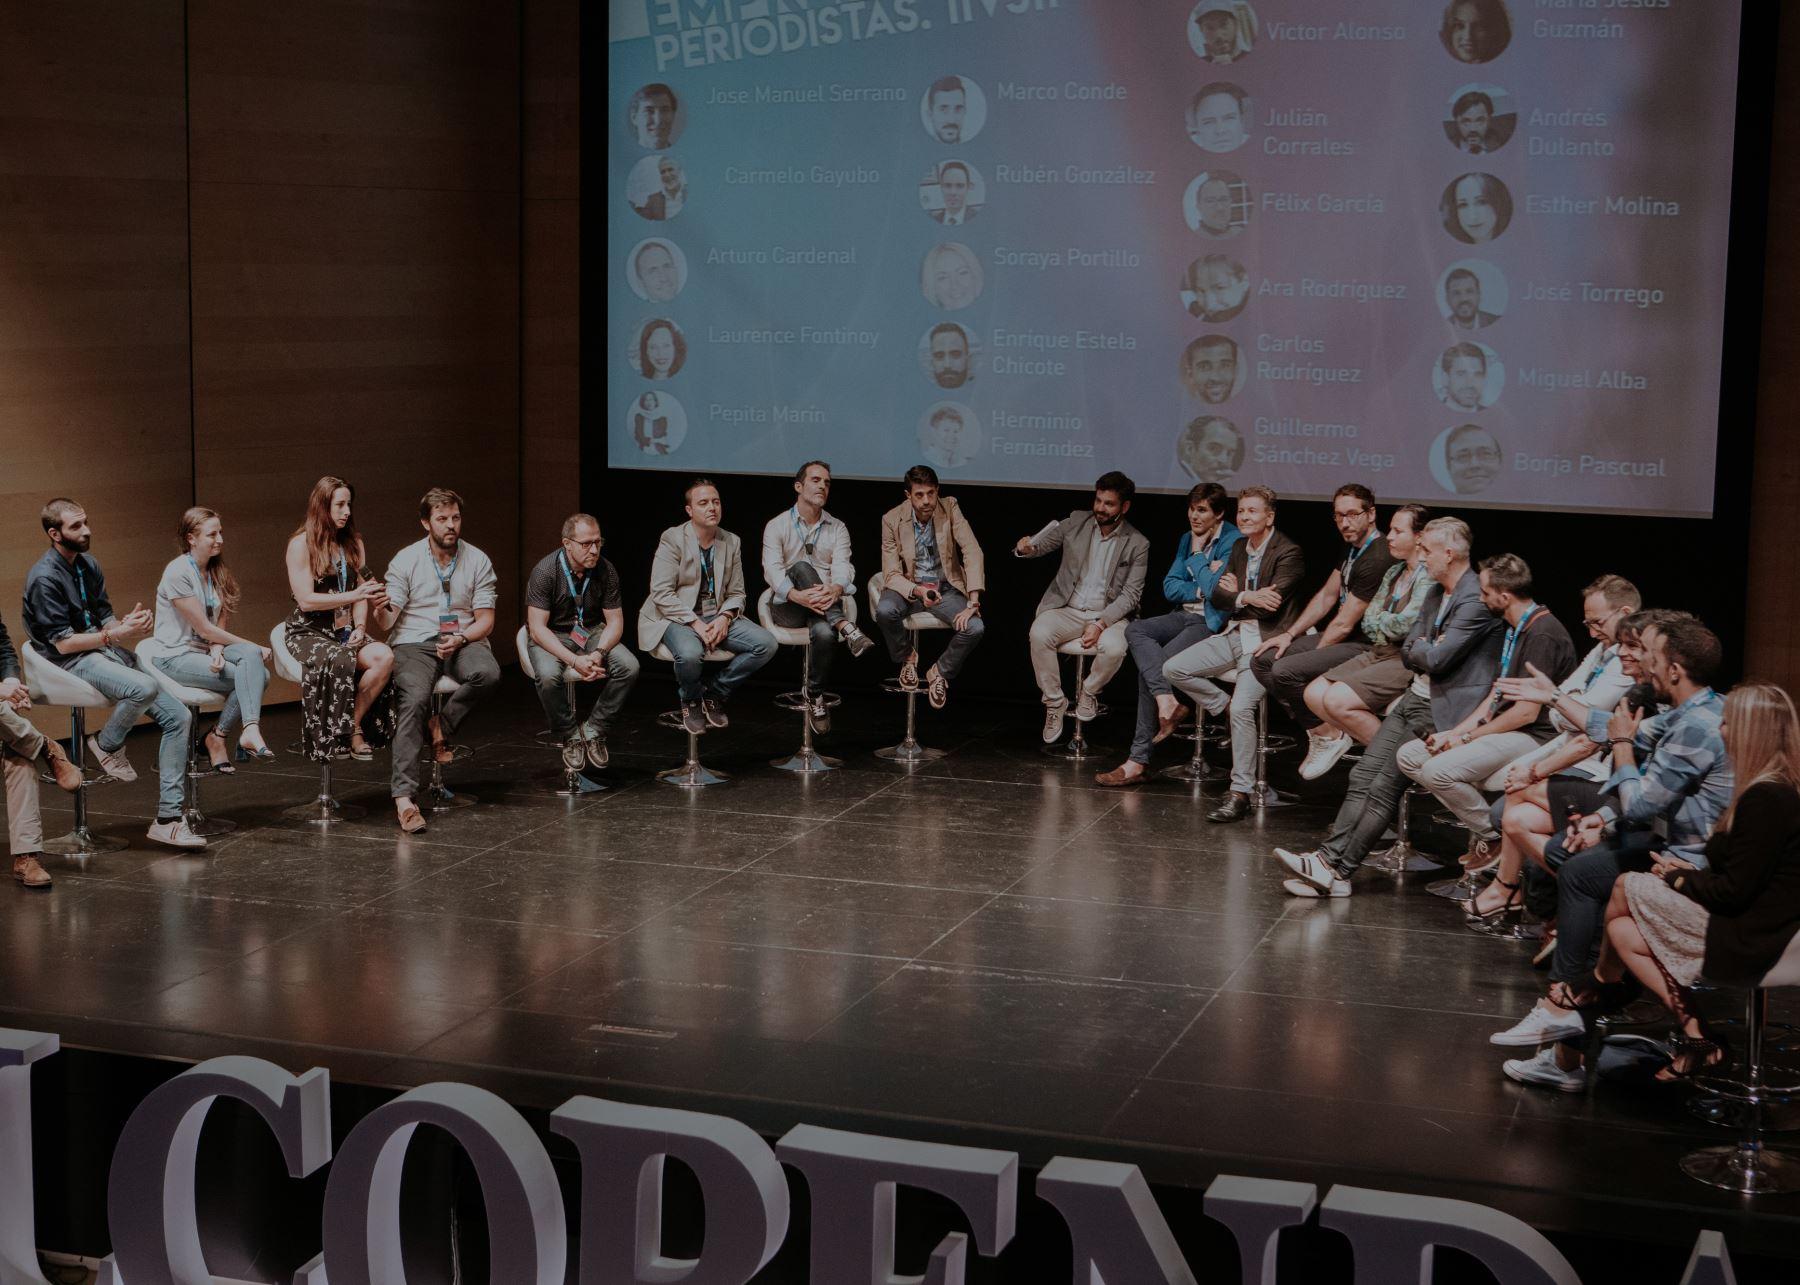 El mayor encuentro de periodistas y emprendedores del mundo, Media Startups.